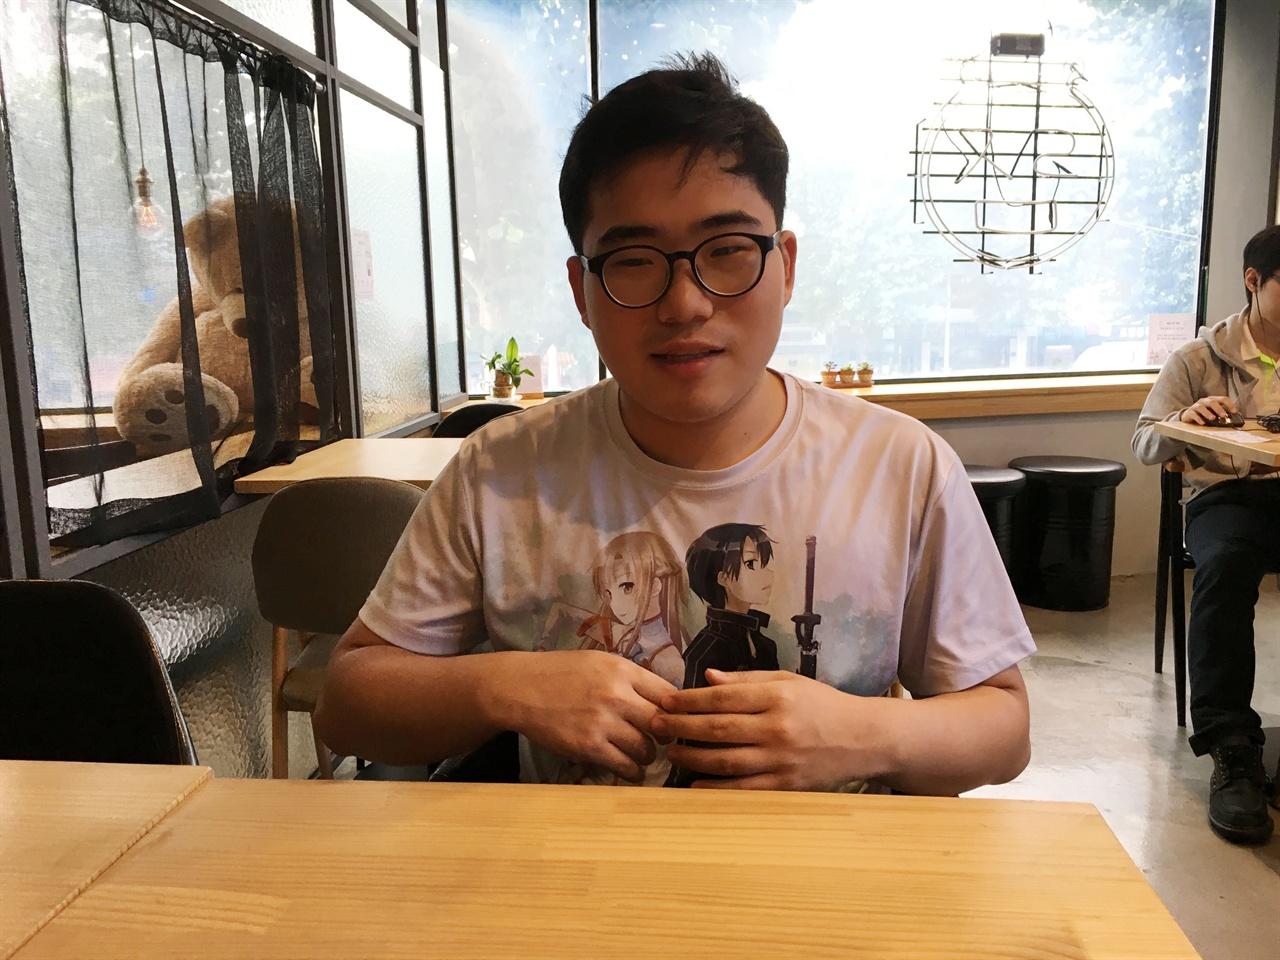 서울경계인청년지원센터 아자라마 가디언 최원재 최원재 가디언이 인터뷰 질문에 답하고 있다.